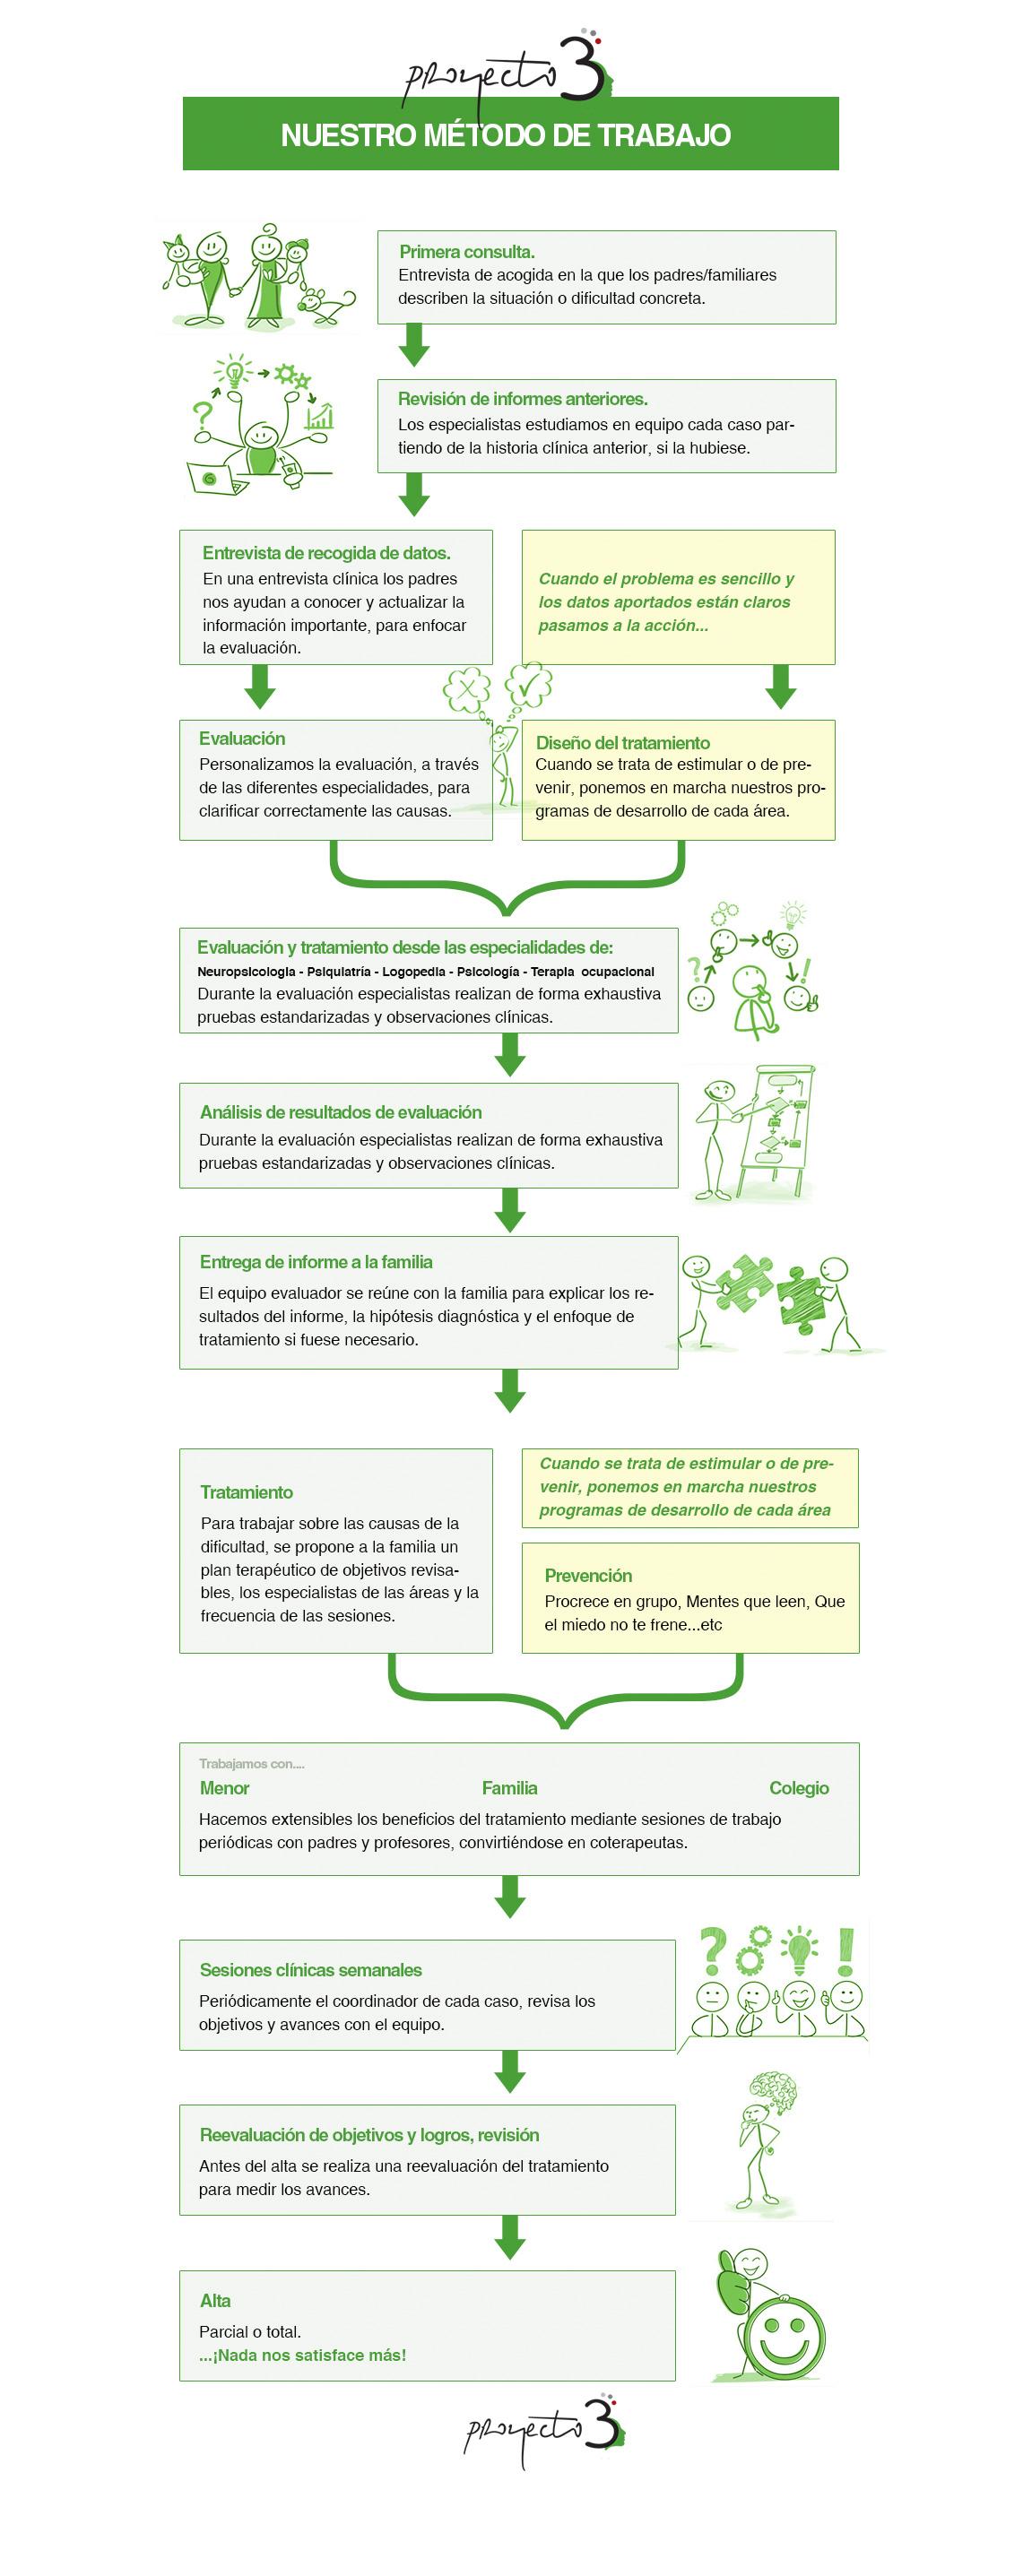 http://www.proyecto3psicologos.com/wp-content/uploads/2016/05/metodoProyecto3.jpg